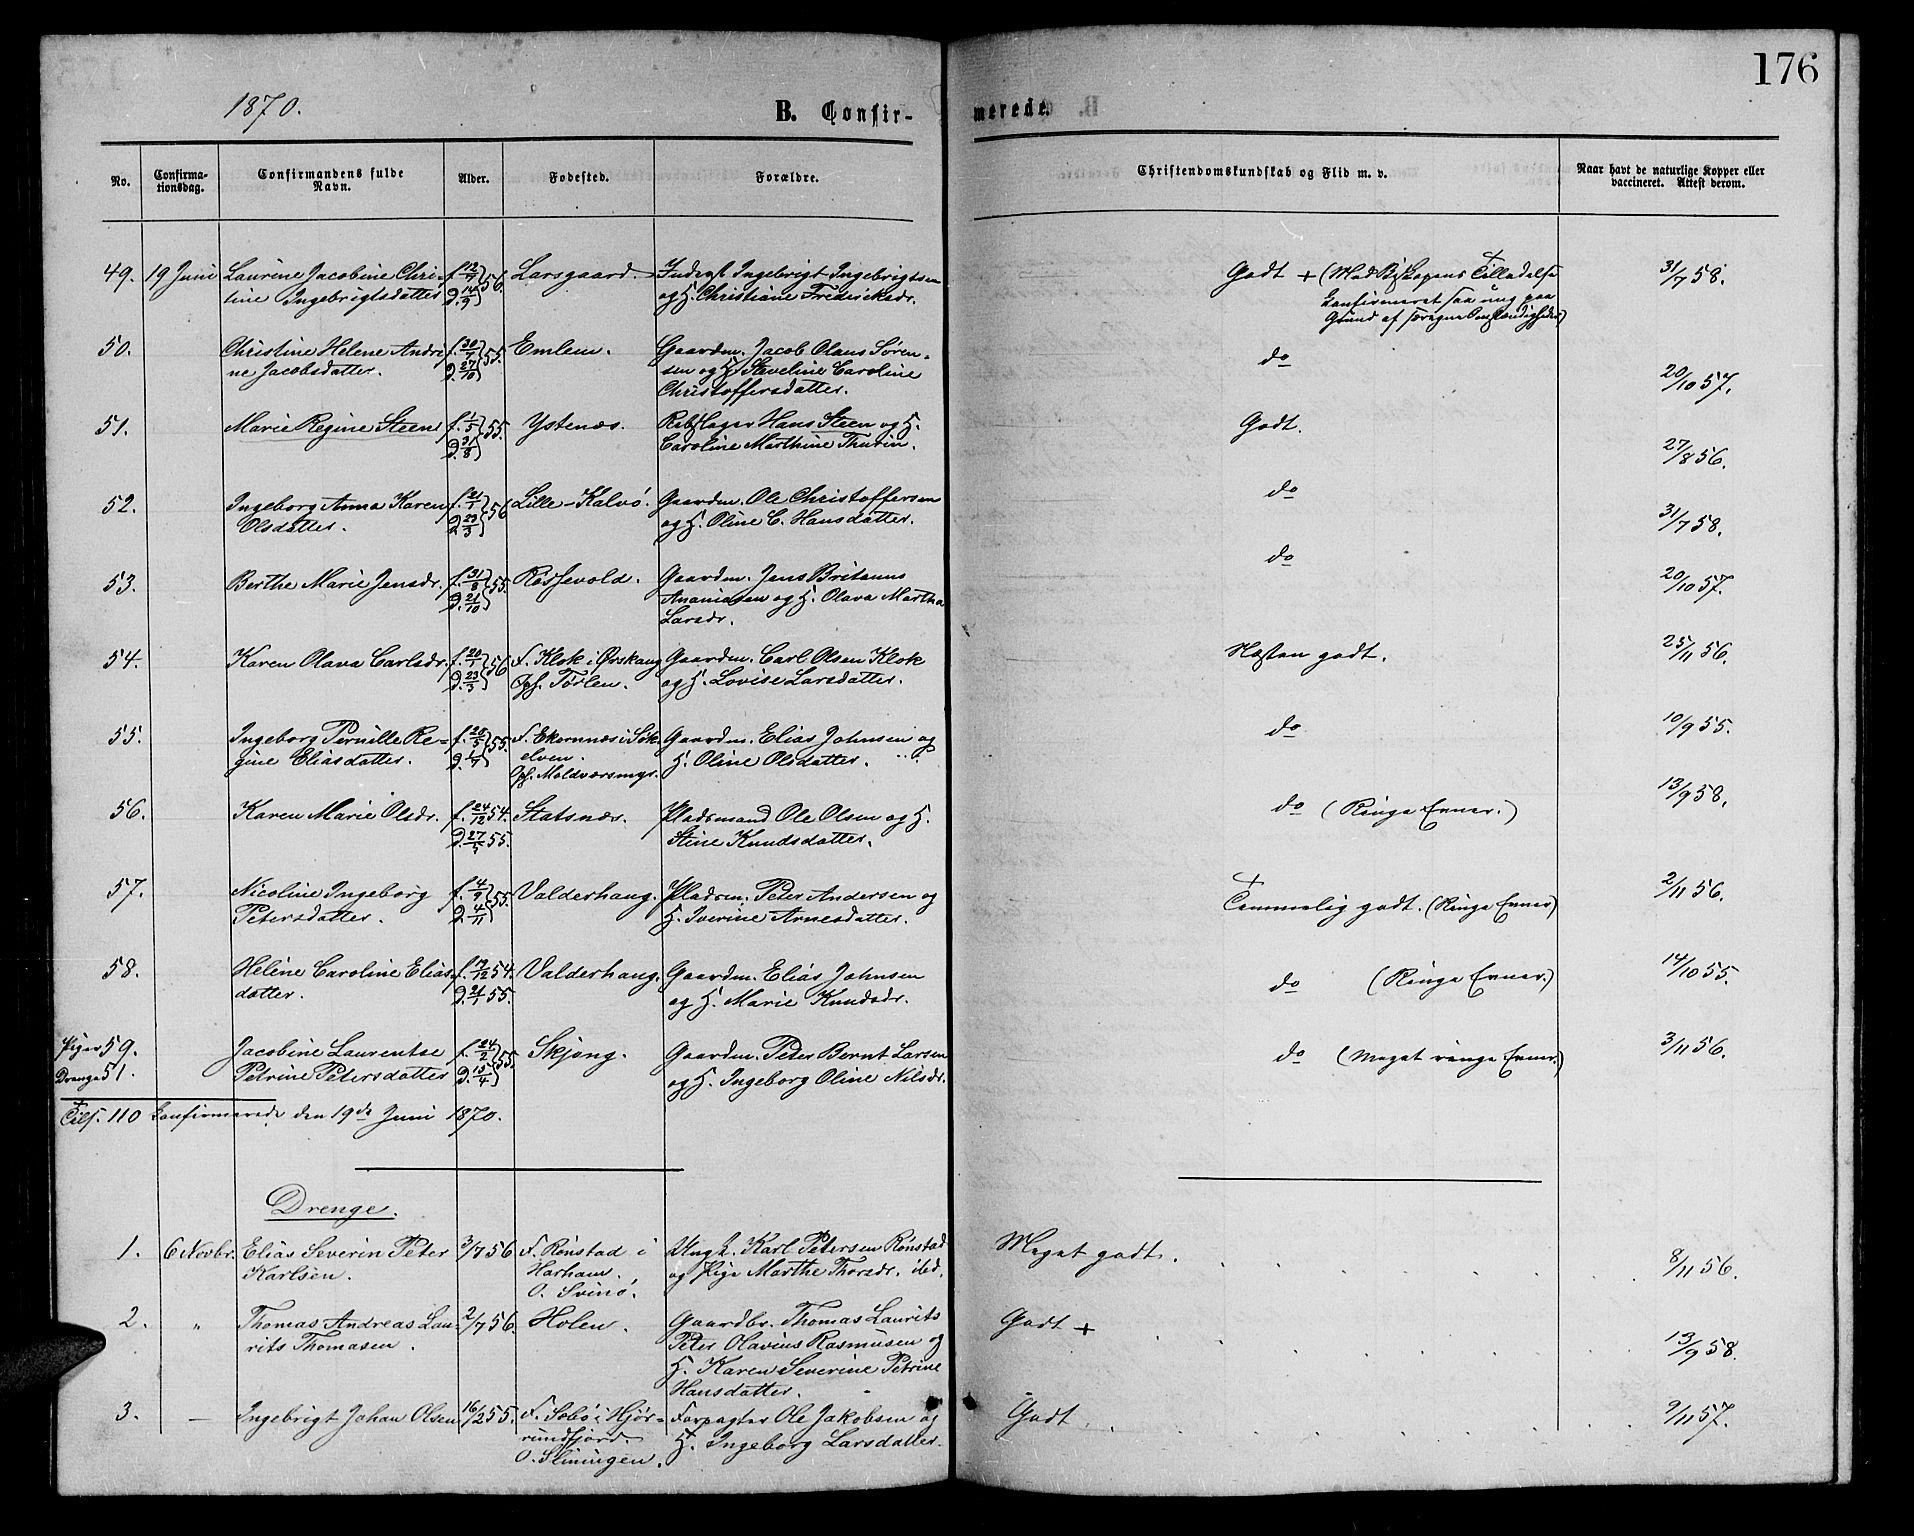 SAT, Ministerialprotokoller, klokkerbøker og fødselsregistre - Møre og Romsdal, 528/L0428: Klokkerbok nr. 528C09, 1864-1880, s. 176